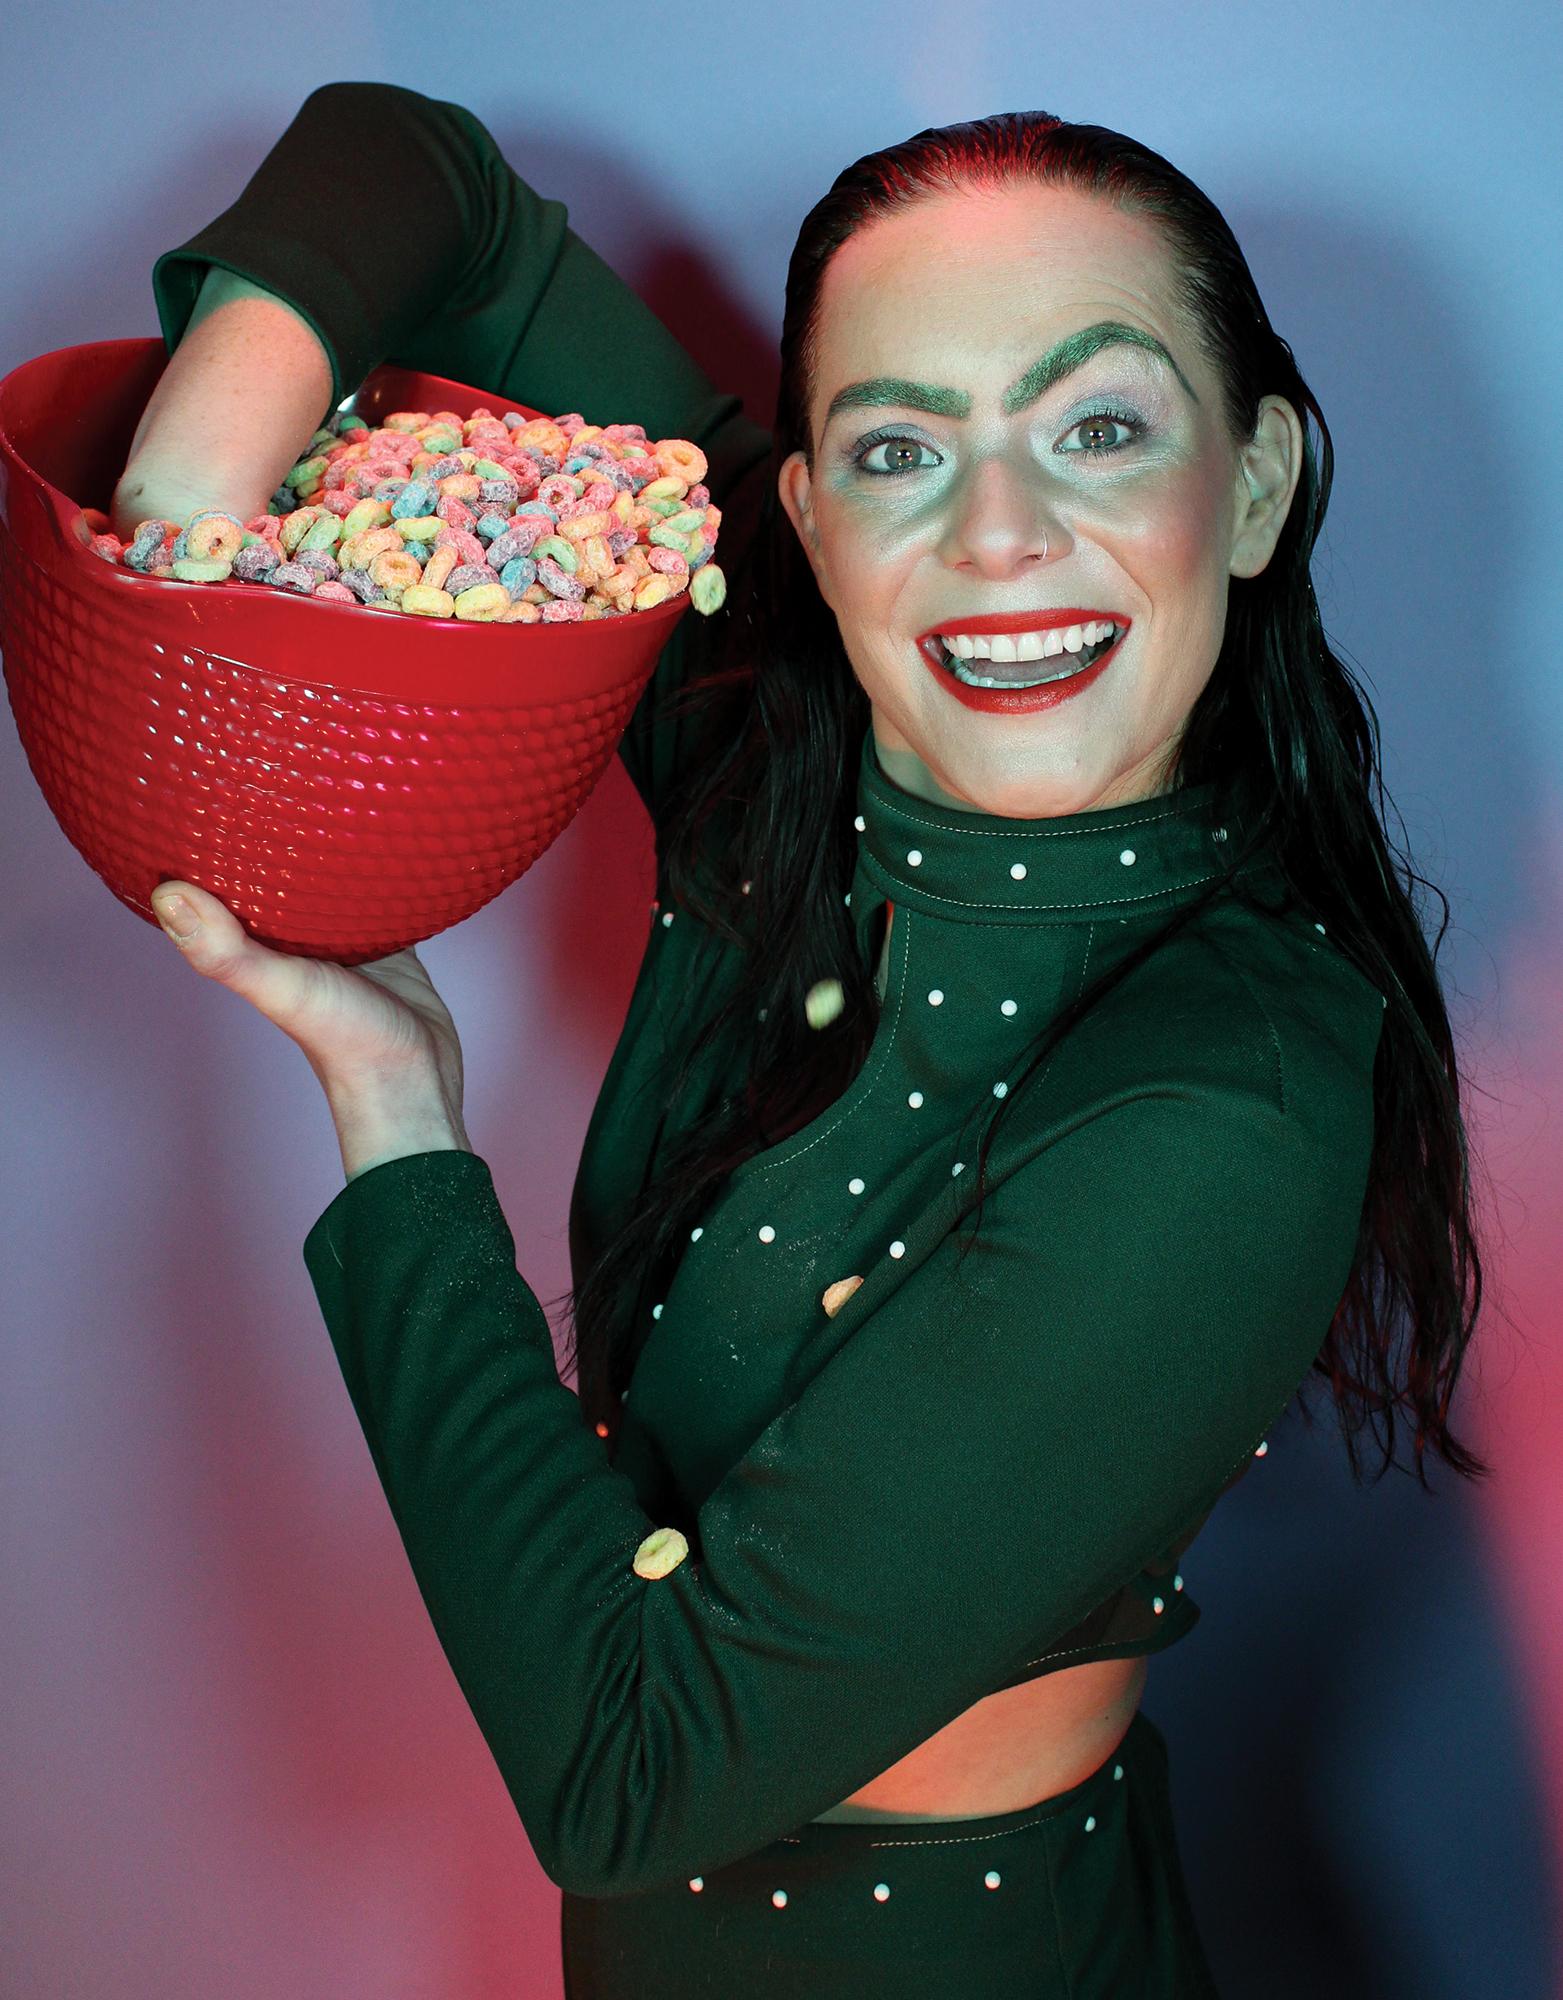 stank-rag-cereal-marnie-2.jpg